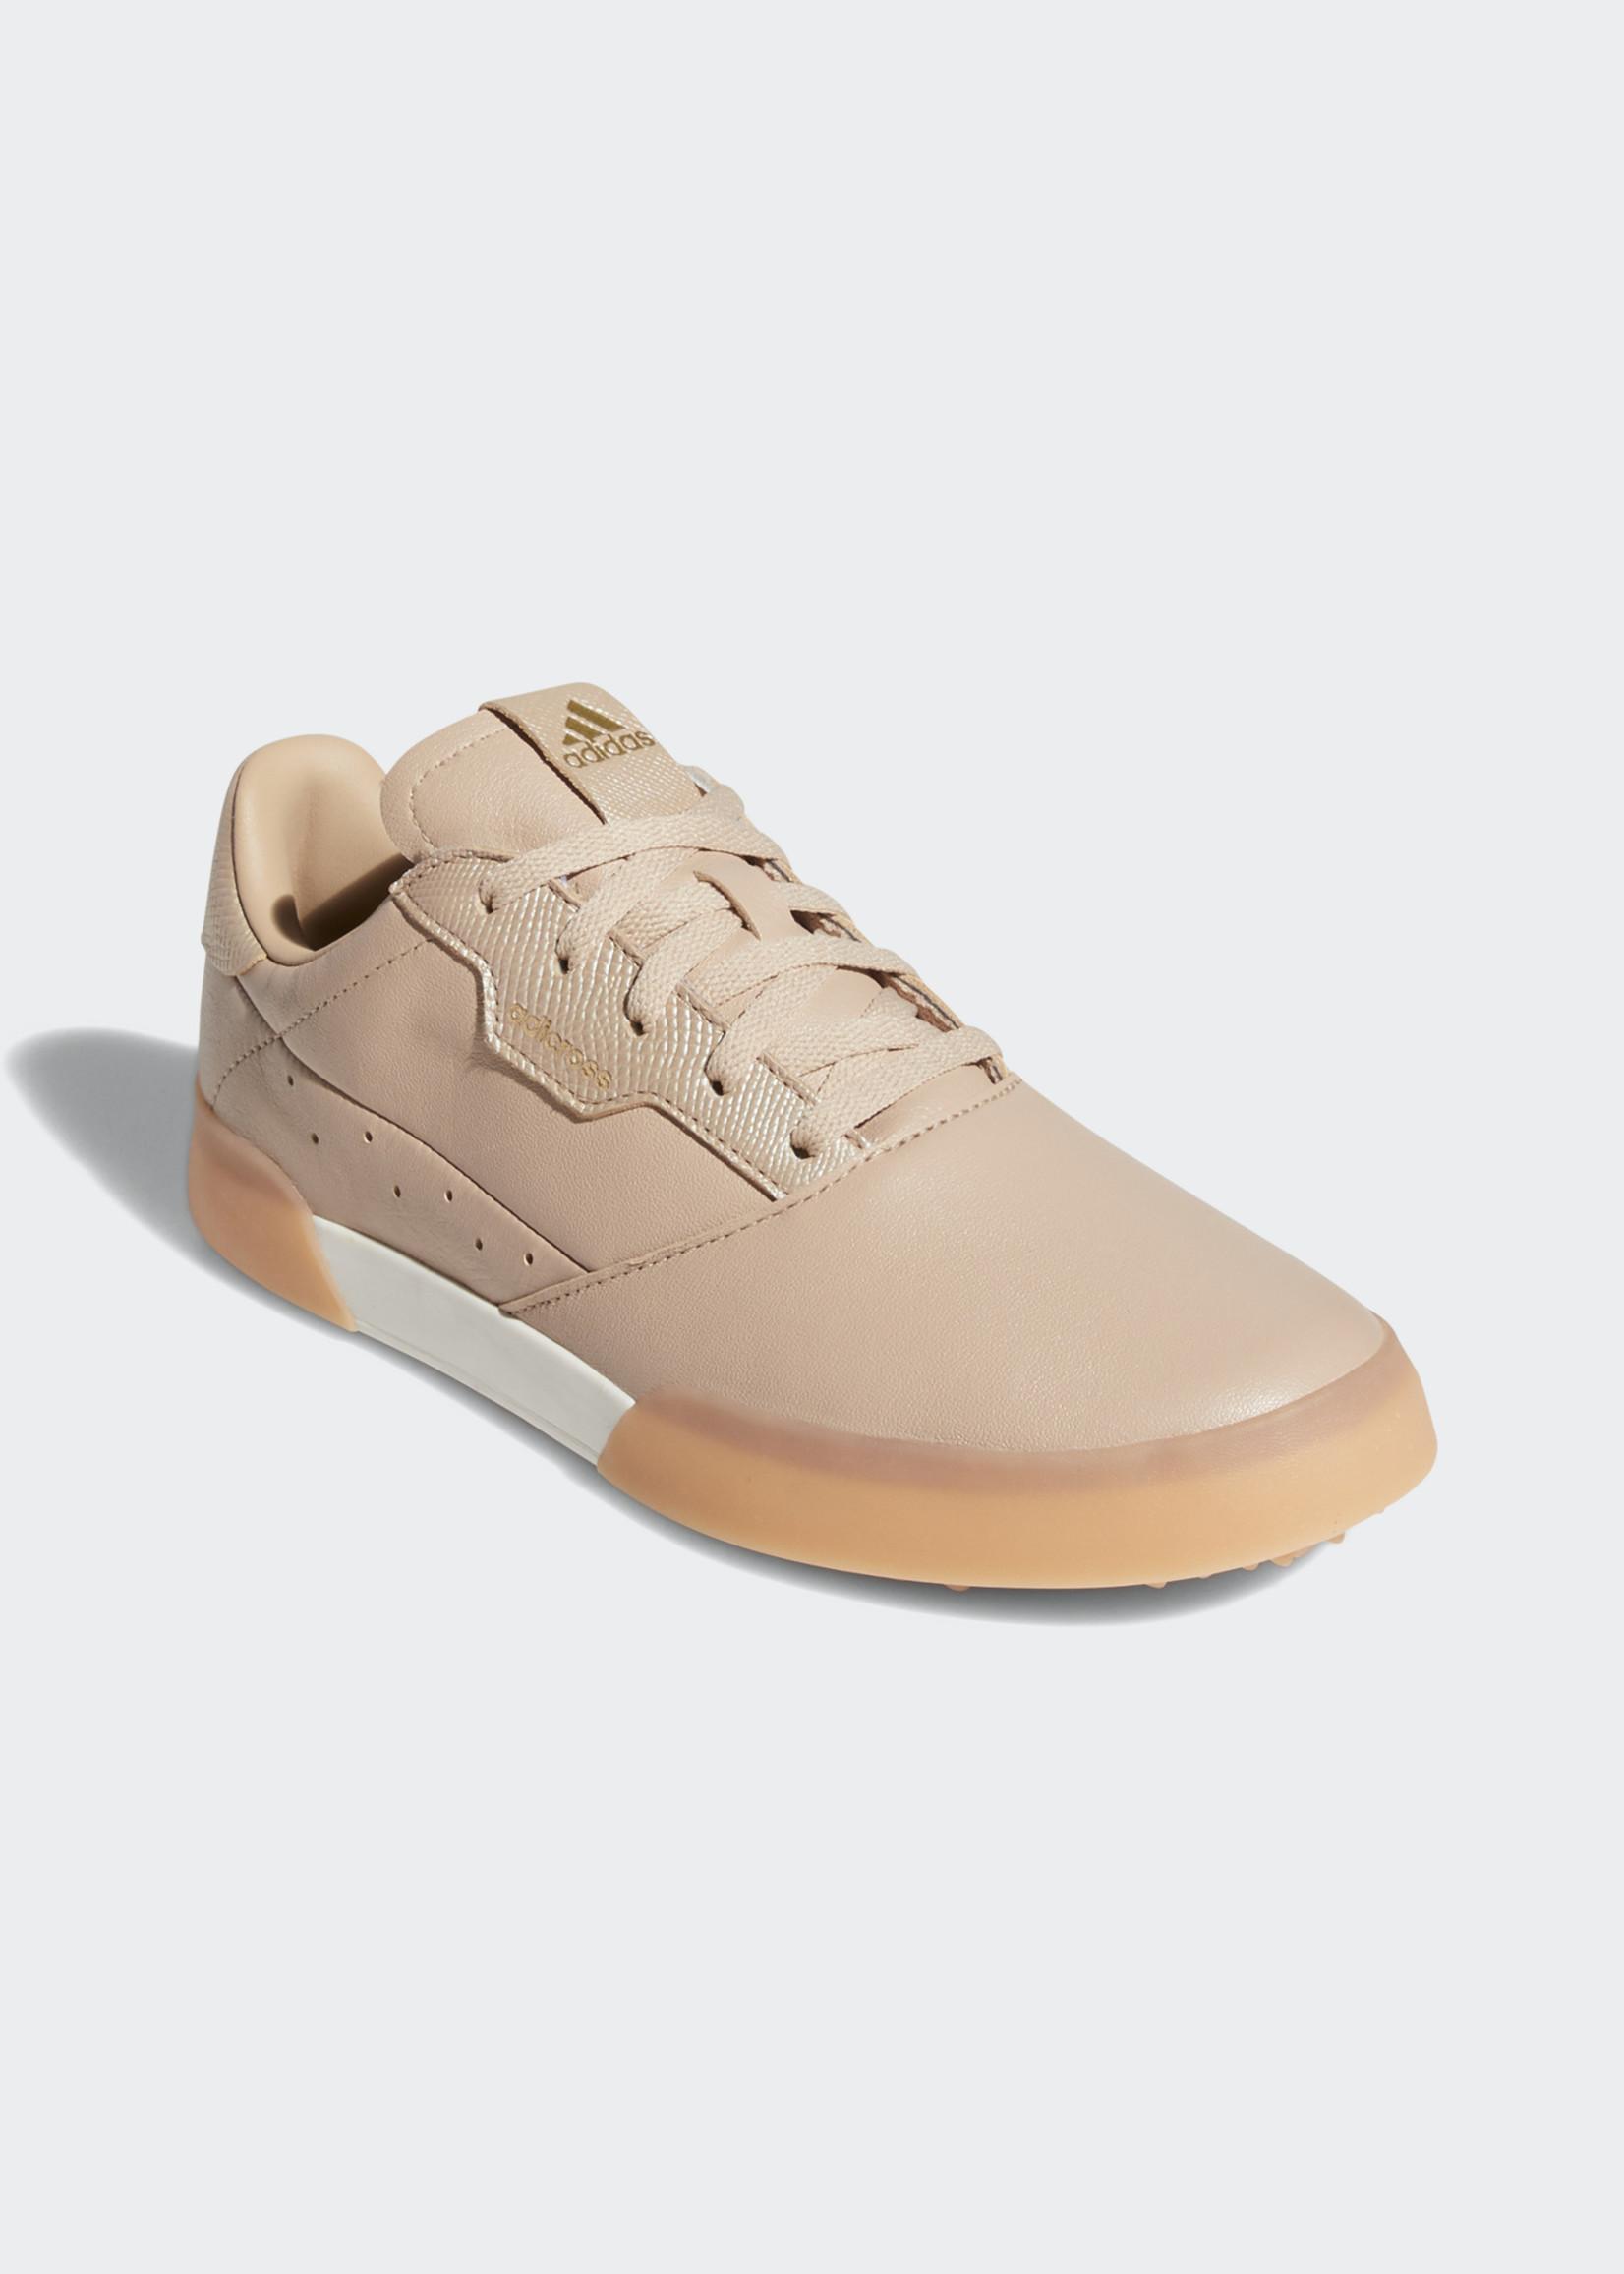 Adidas W ADICROSS RETRO    ASHPEA/GOLDMT/CWHITE